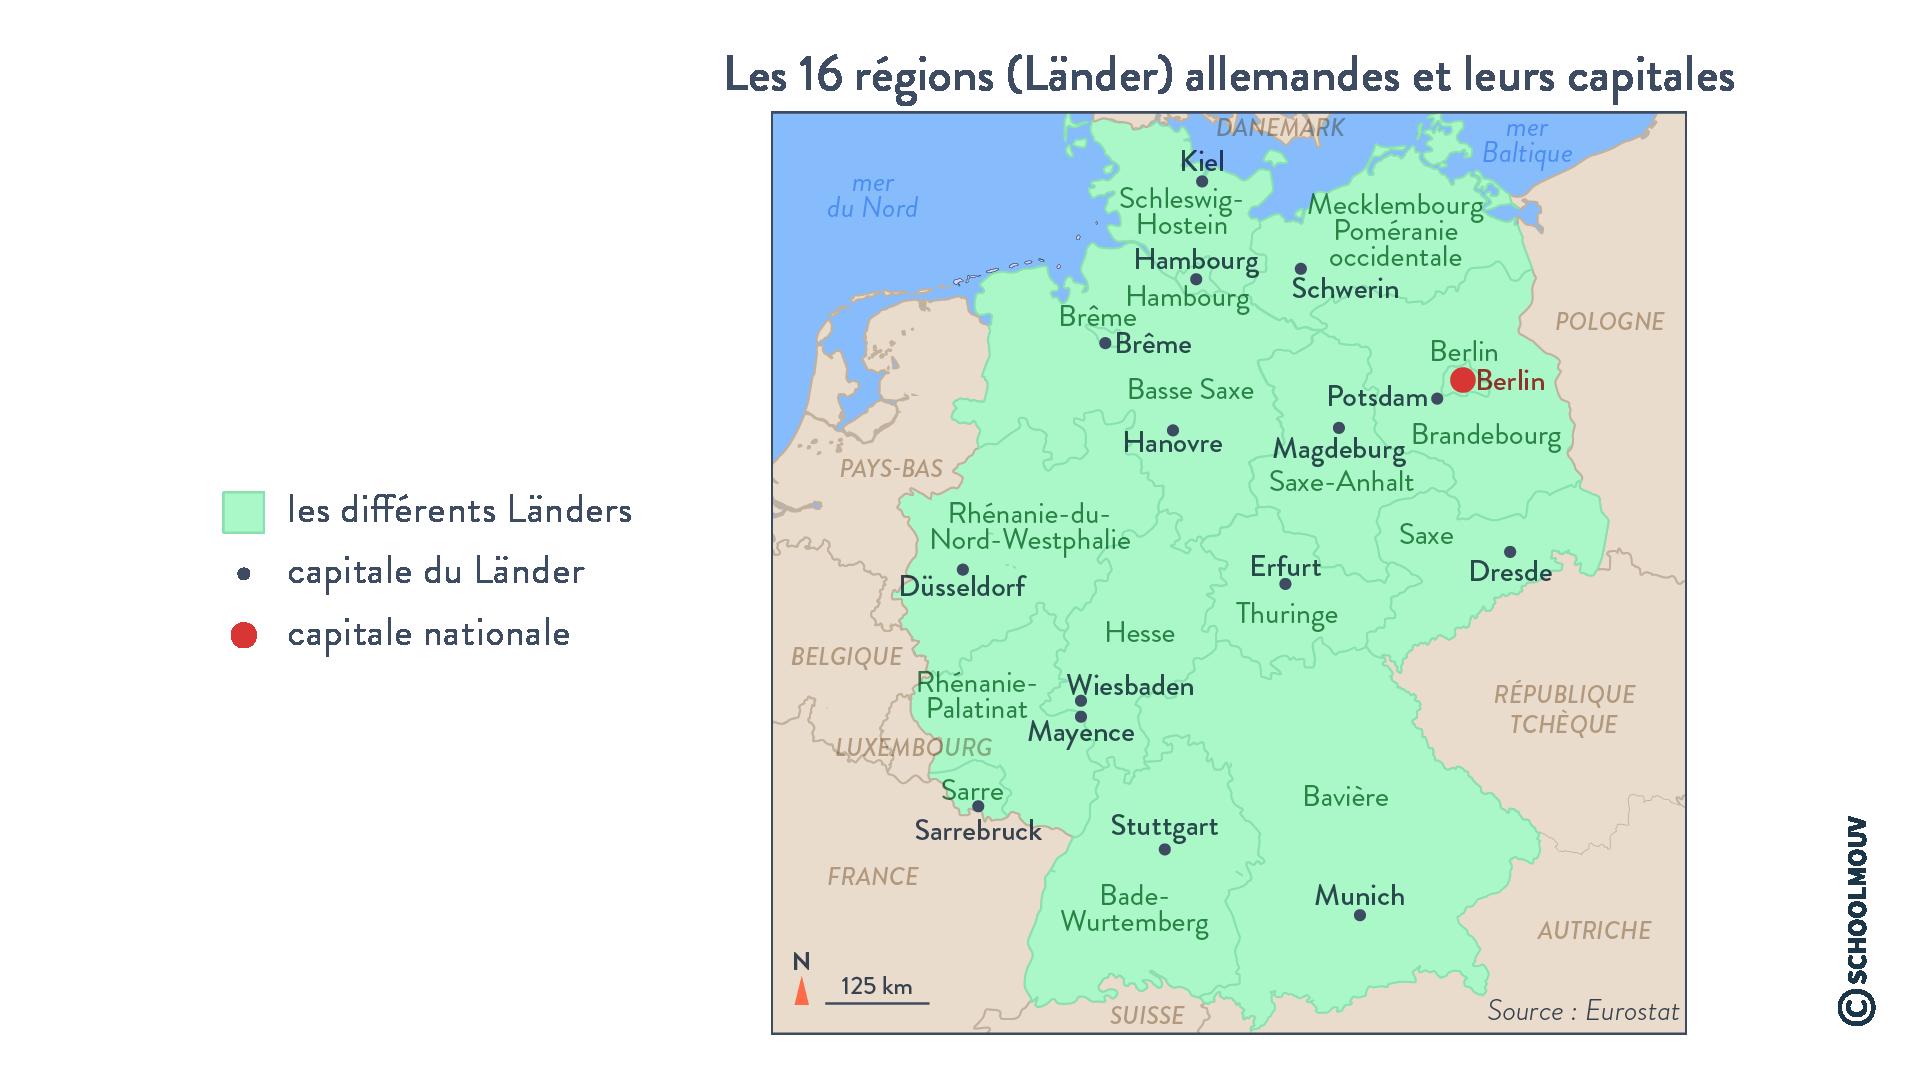 Les 16 régions (Länder) allemandes et leurs capitales - Géographie - Terminale - SchoolMouv